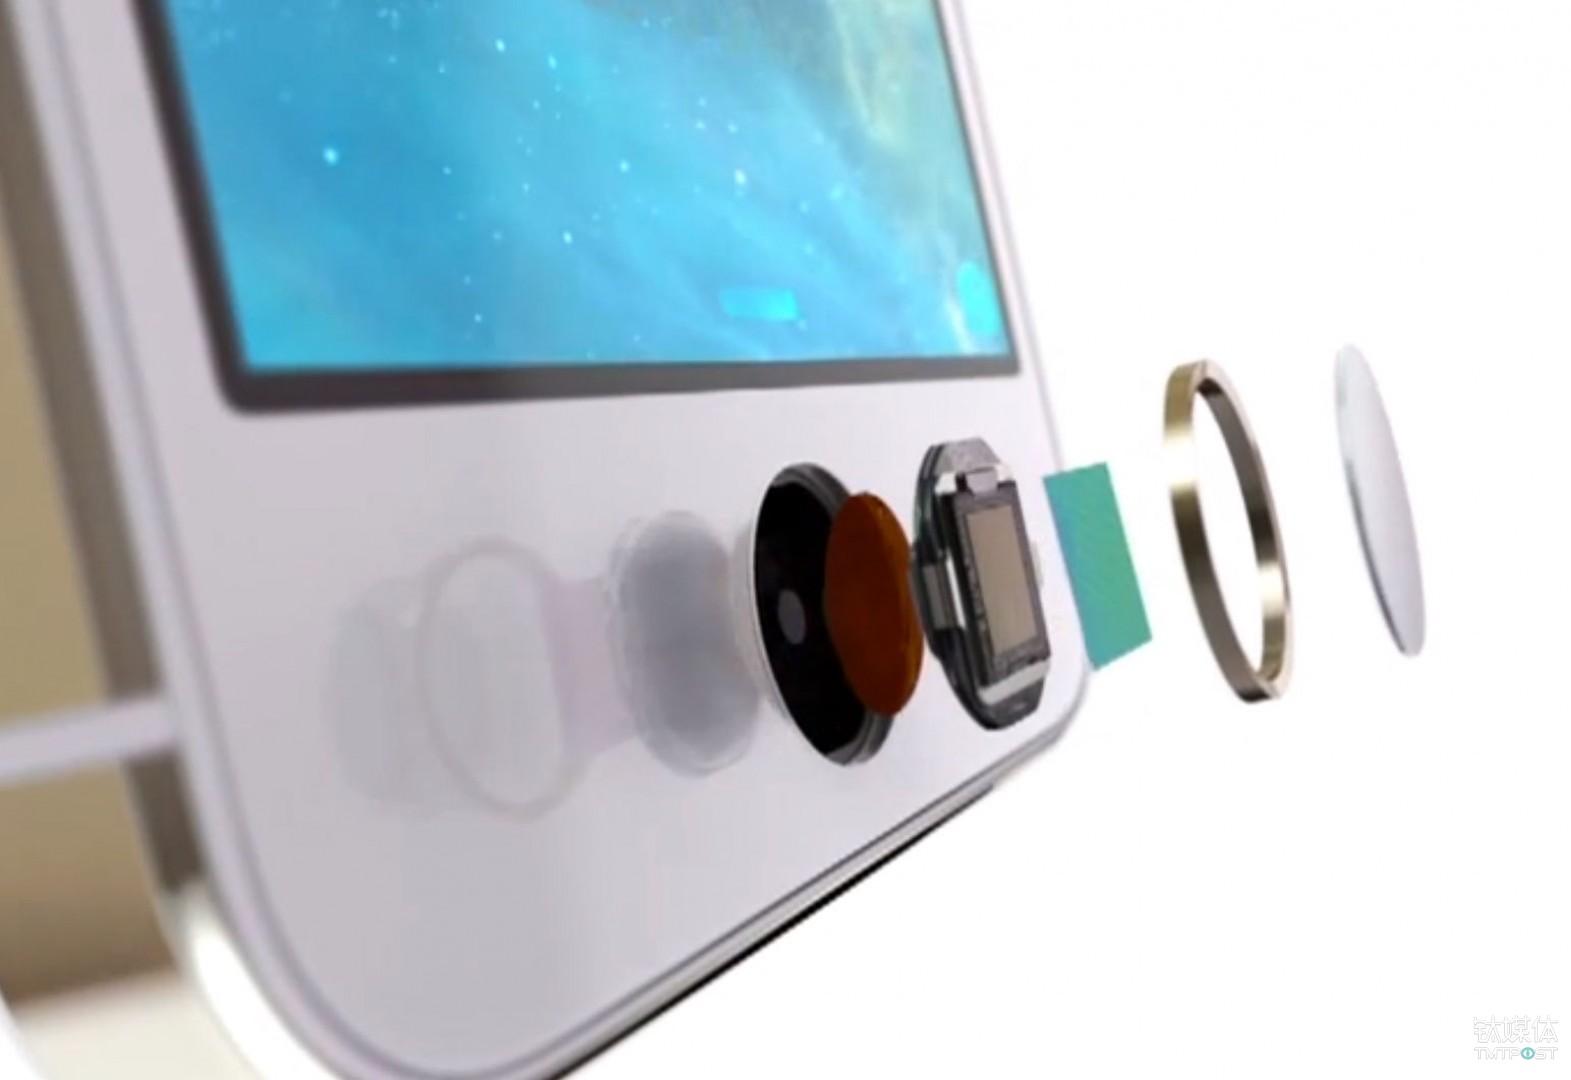 首次引入生物识别的 iPhone 5s